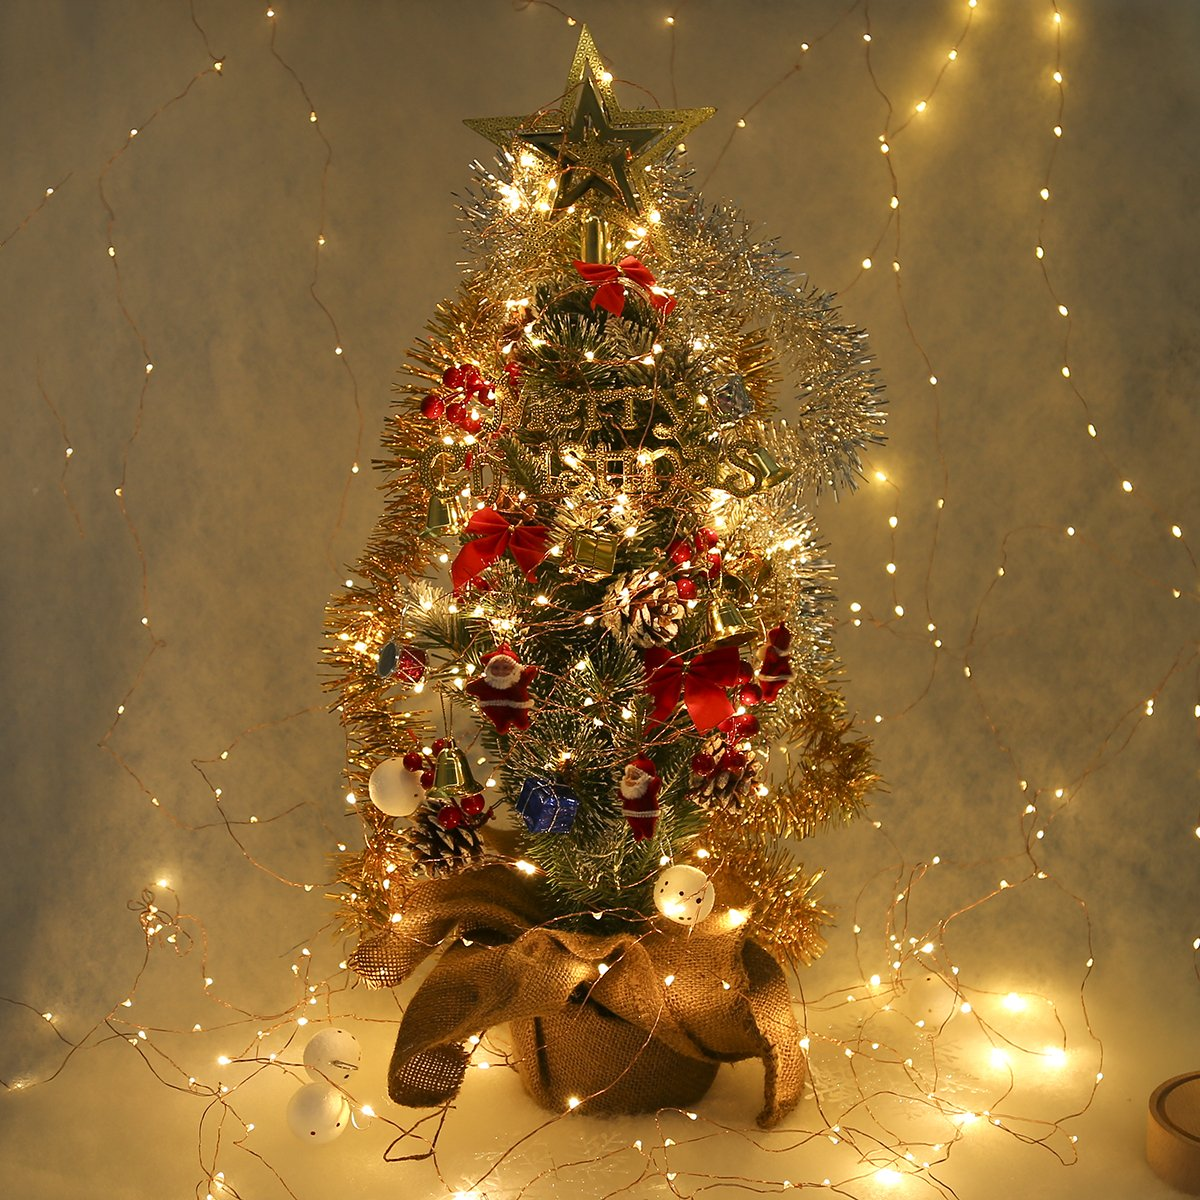 ECOWHO 6.5M 30 LEDs Lampions Laterne Lichterkette Wasserdicht Solar Lichterkette aussen f/ür Party Weihnachten Garten Au/ßen /& Ihnen Bunt Solar Lichterkette Solar Lichterkette Lampions Warmwei/ß)